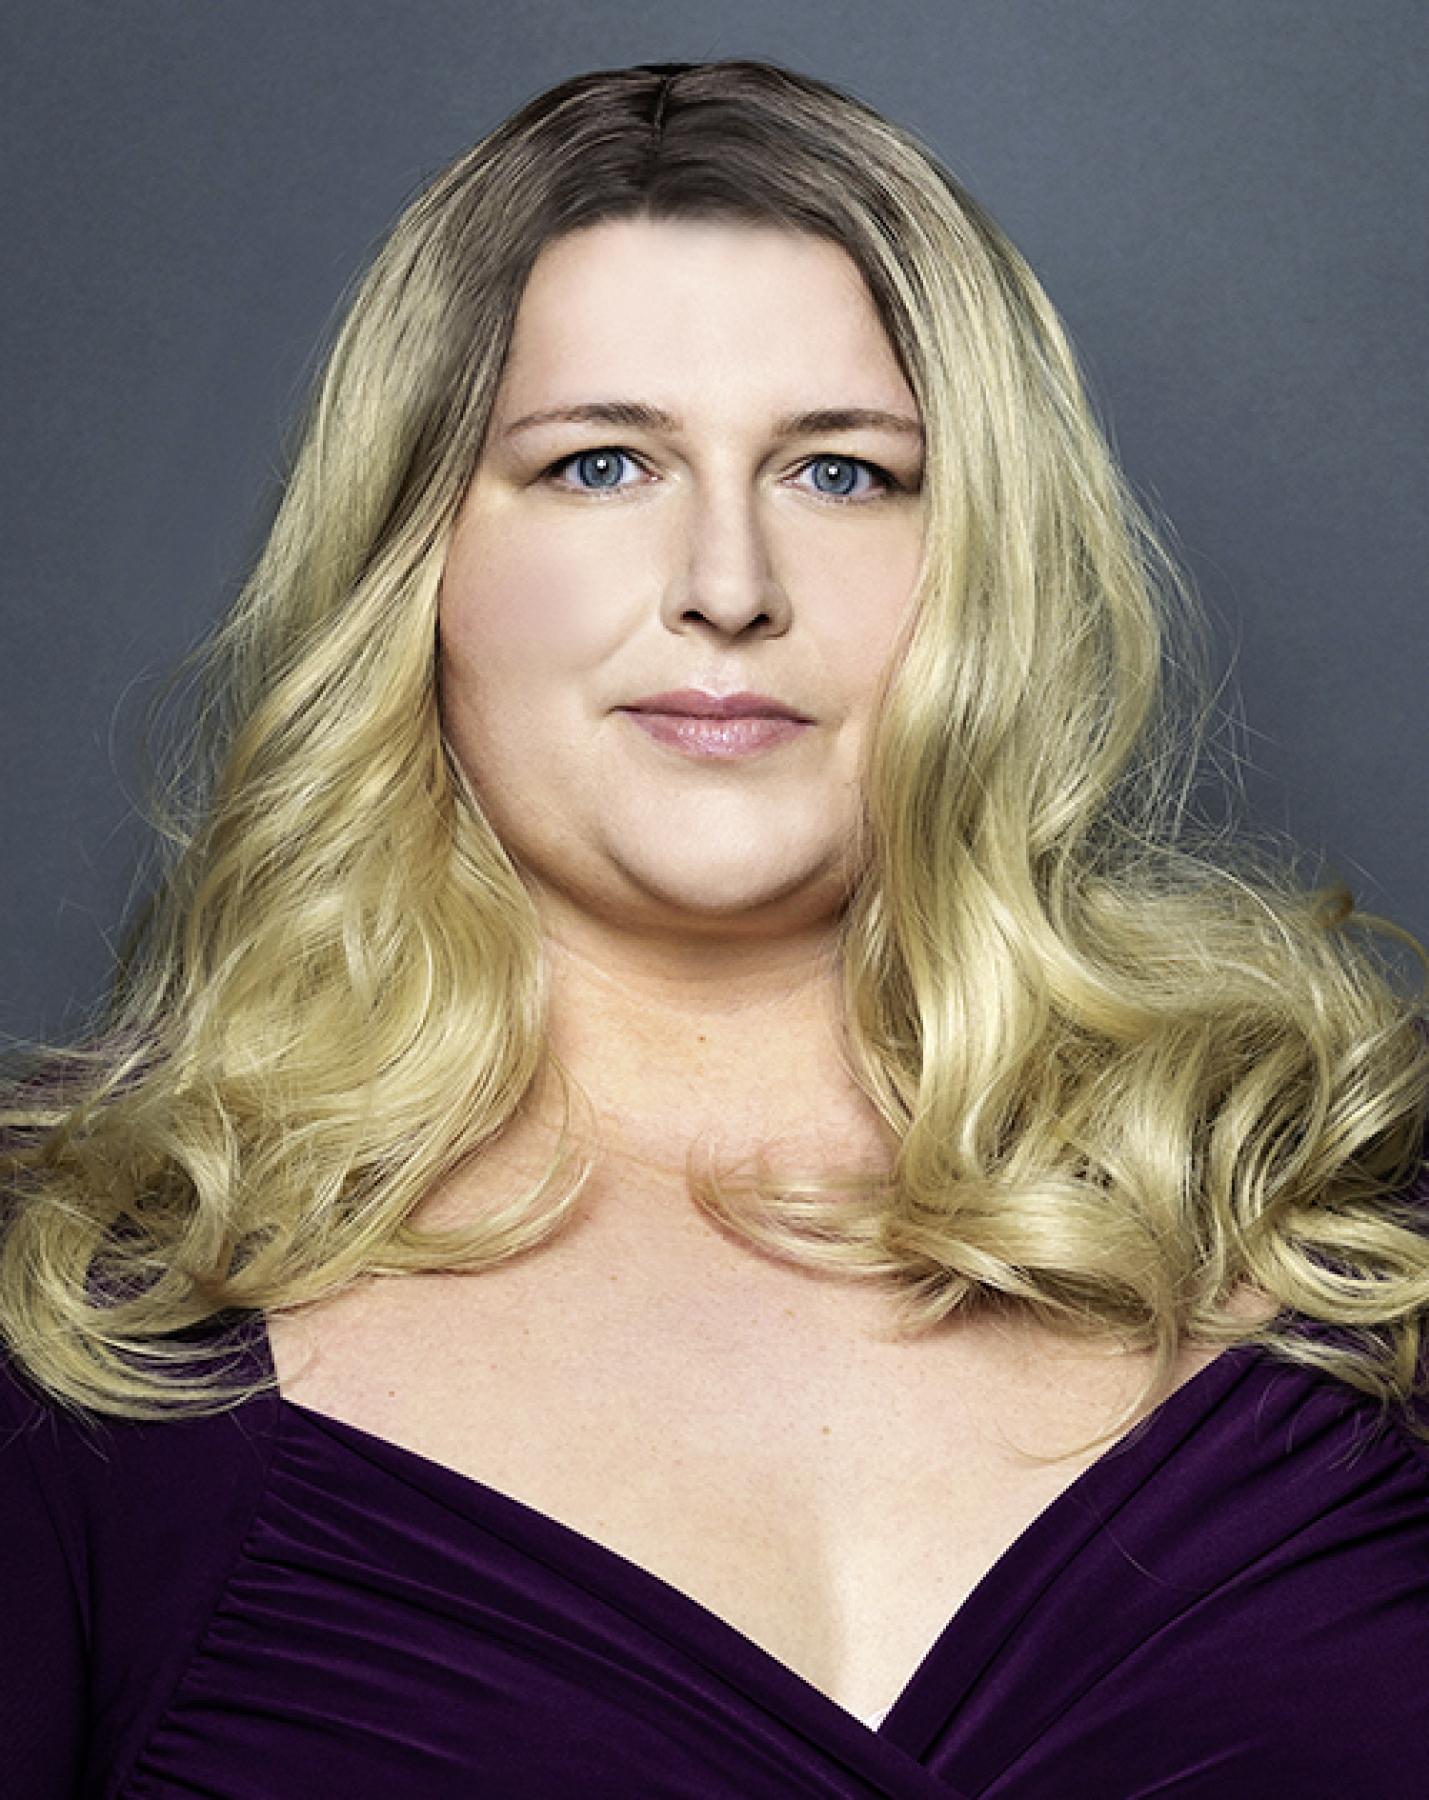 Hamburgerin und Comedienne Nicole Jäger (39) konnte sich aus der gefährlichen Beziehung befreien.